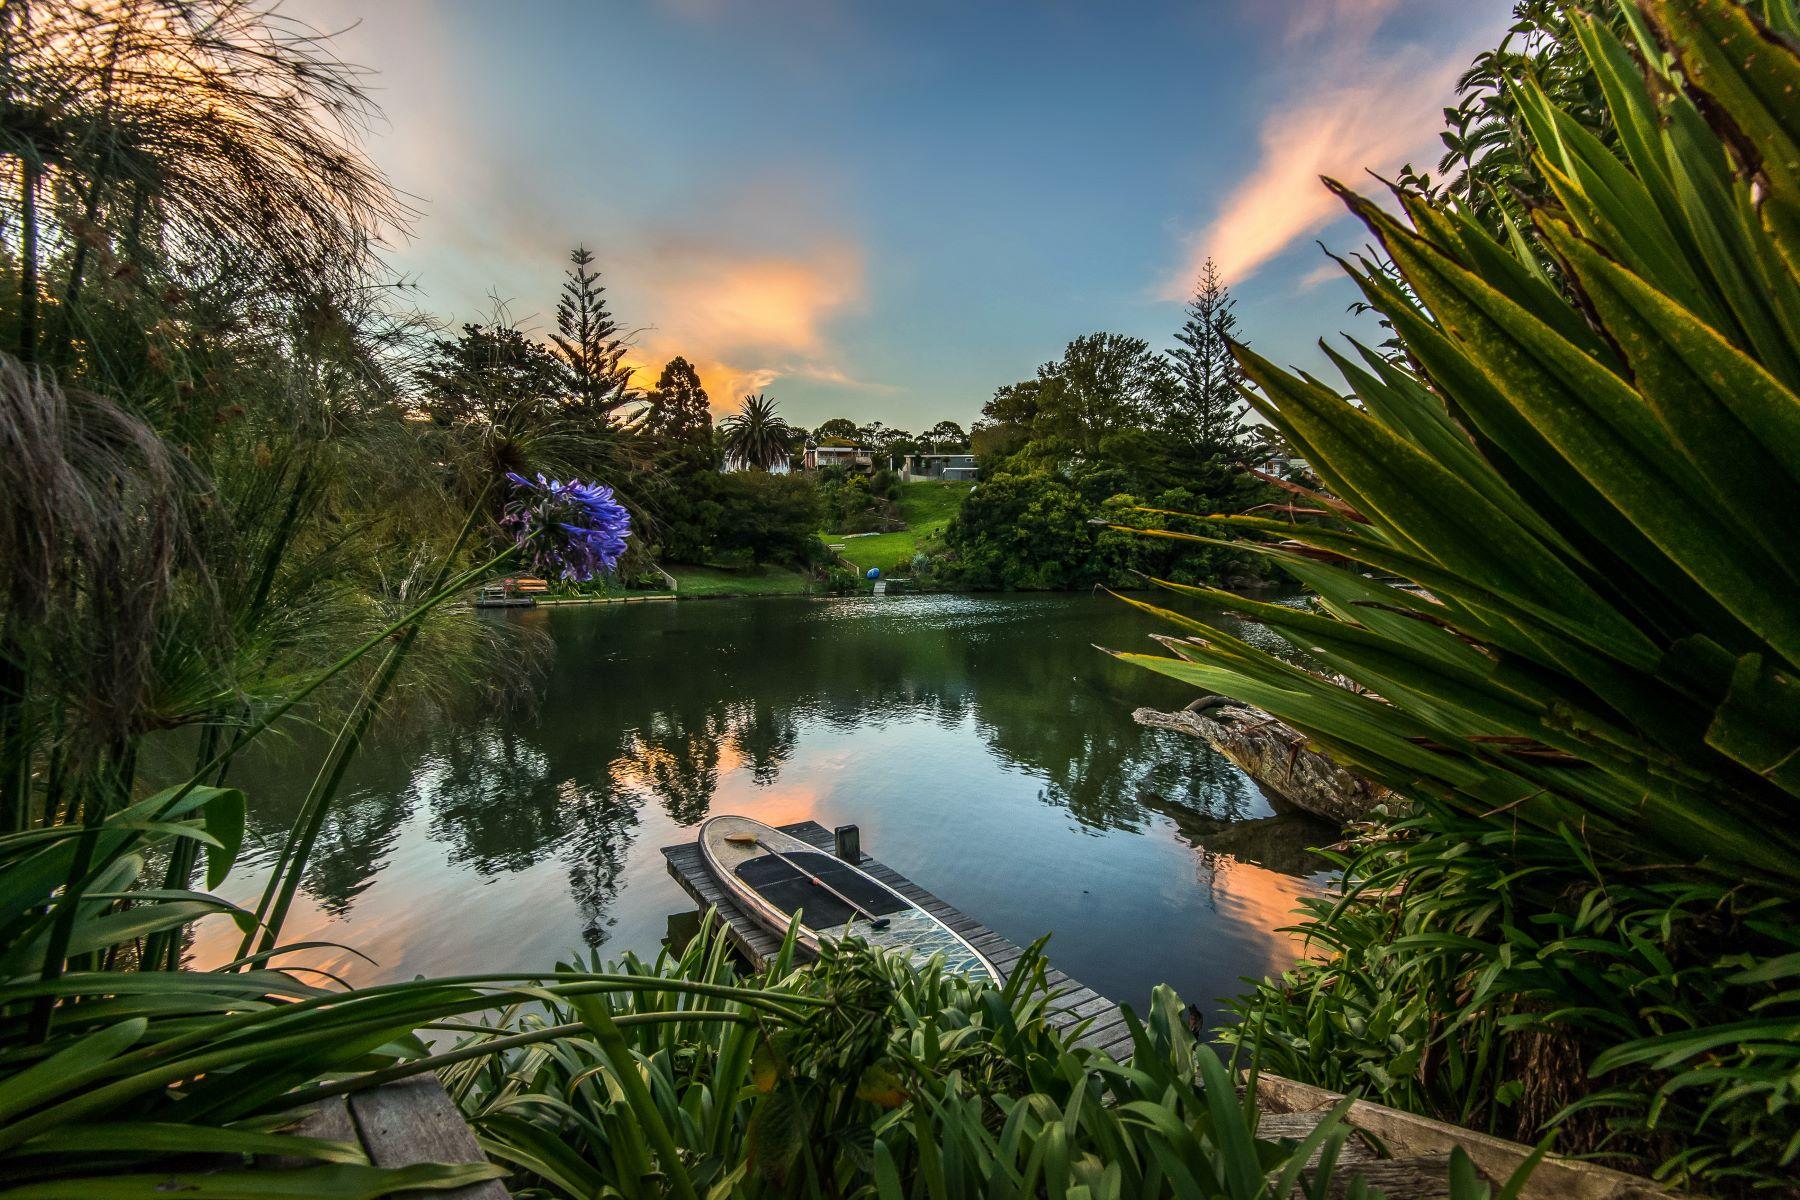 Villa per Vendita alle ore 5B Dover Place, Remuera, Auckland 5B Dover Place Remuera Auckland, Auckland, 1050 Nuova Zelanda